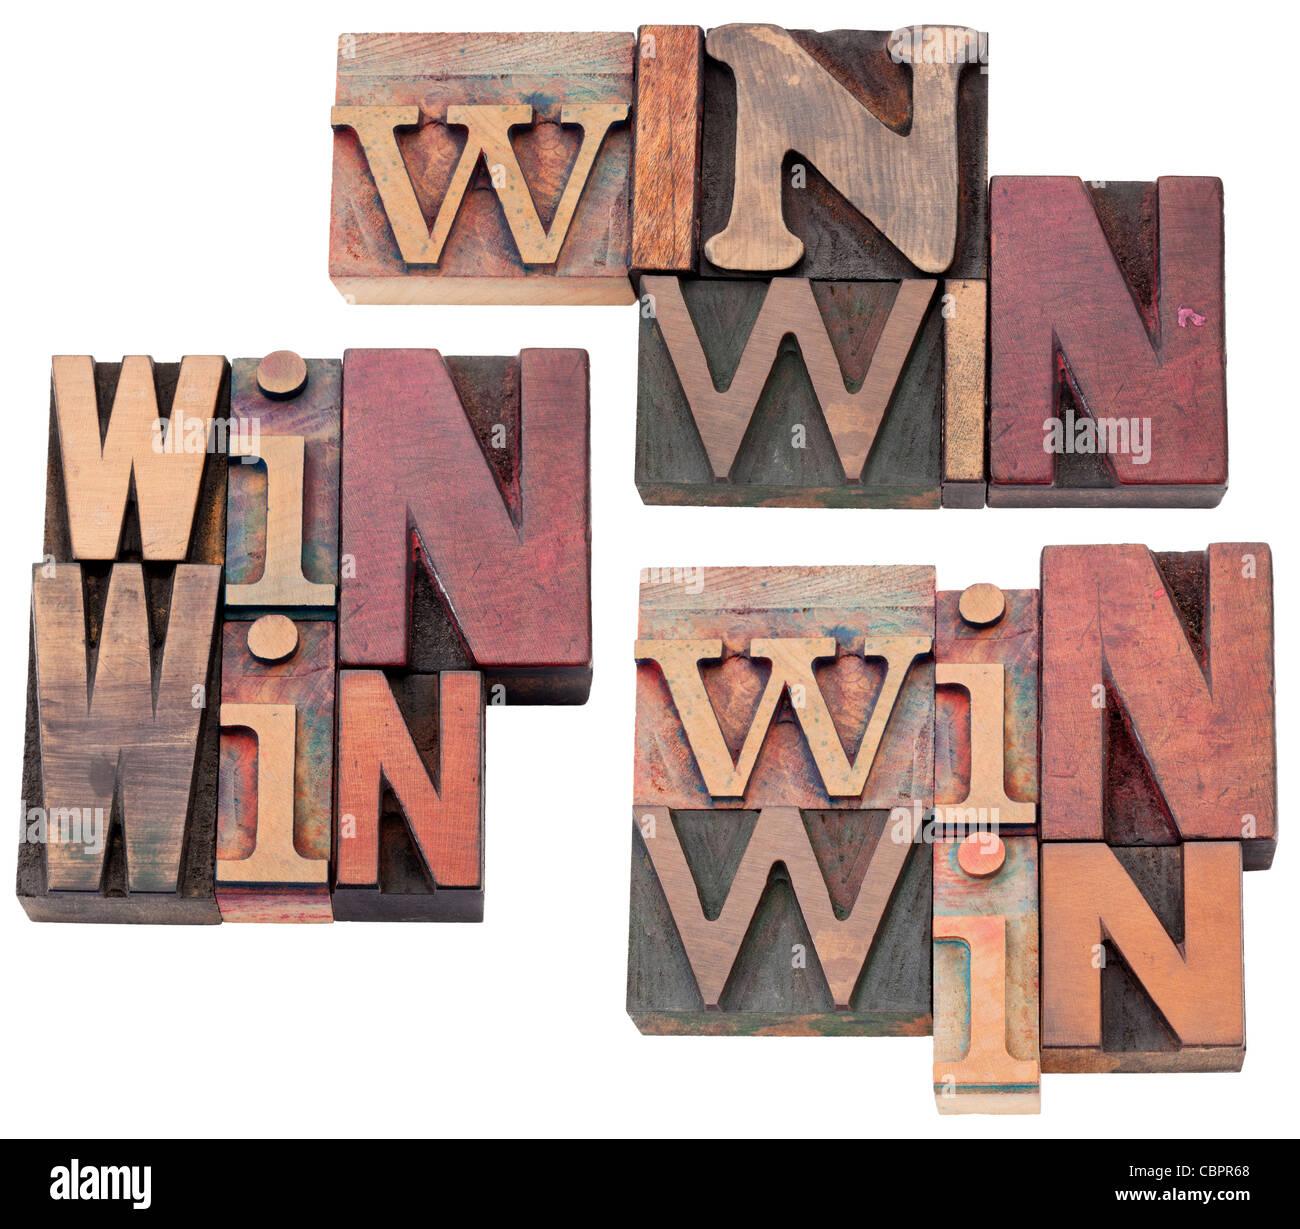 Win-win, strategia di negoziazione o la risoluzione dei conflitti concetto - testo isolato in legno vintage in rilievo Immagini Stock